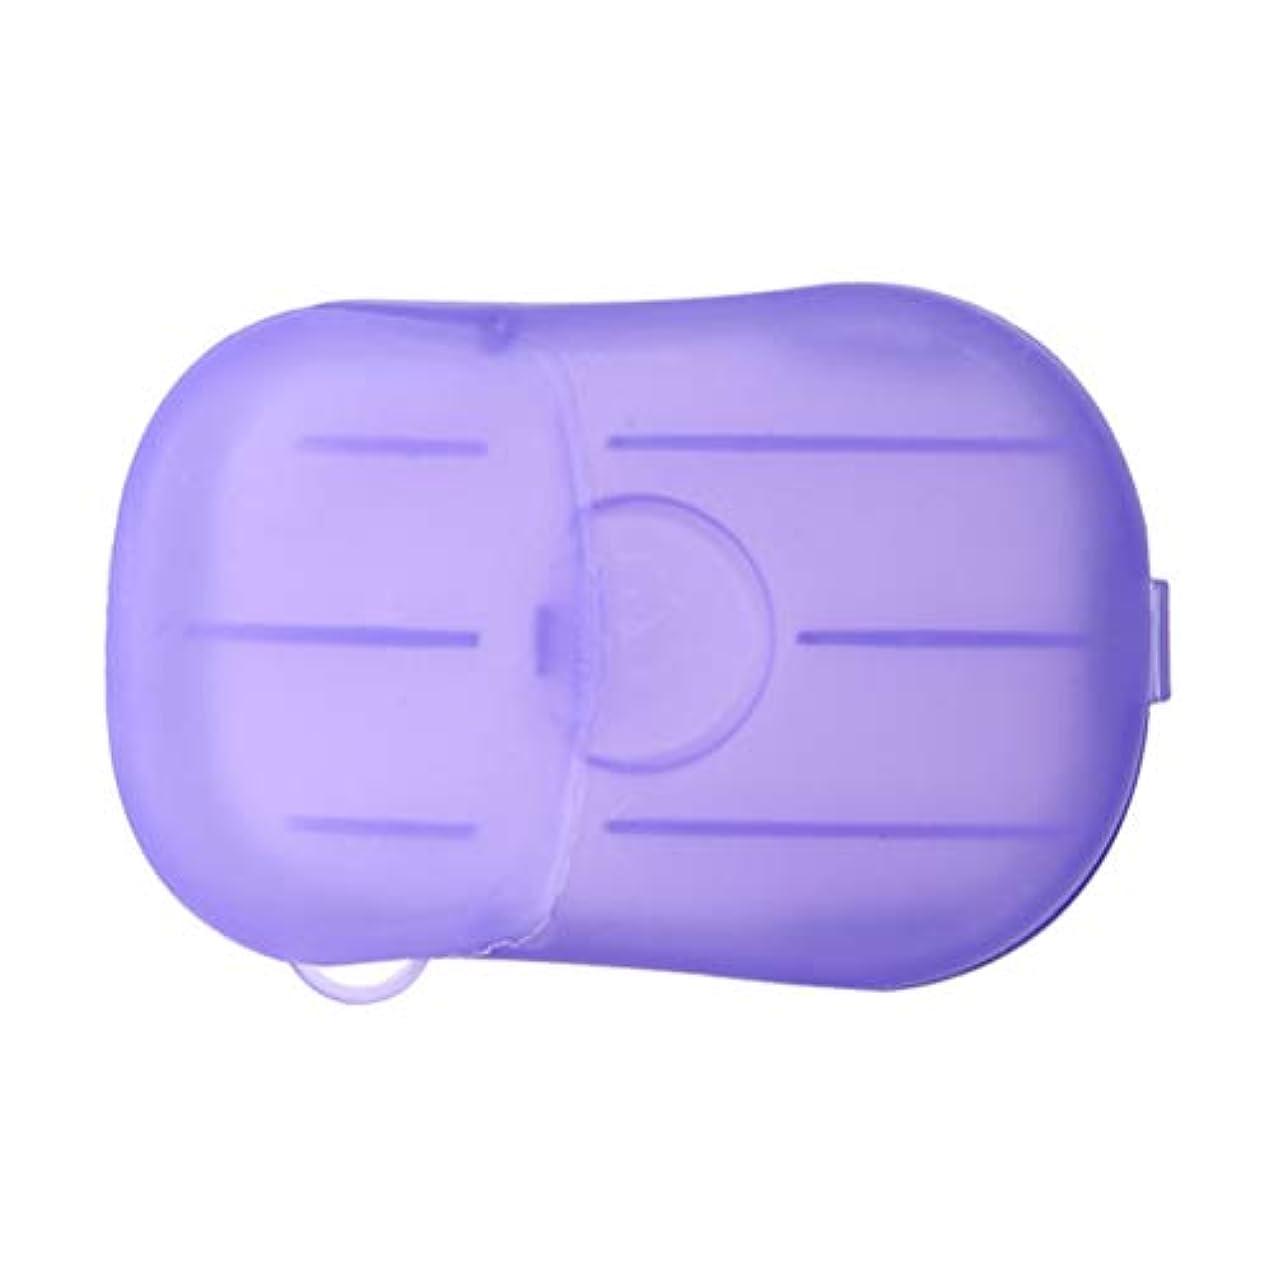 黙認するワックスにはまってLIOOBO 20ピース石鹸フレーク使い捨てクリーニングペーパーポータブルシャワー用品手洗い石鹸シーツ付きトラベルキャンプハイキング(パープル)